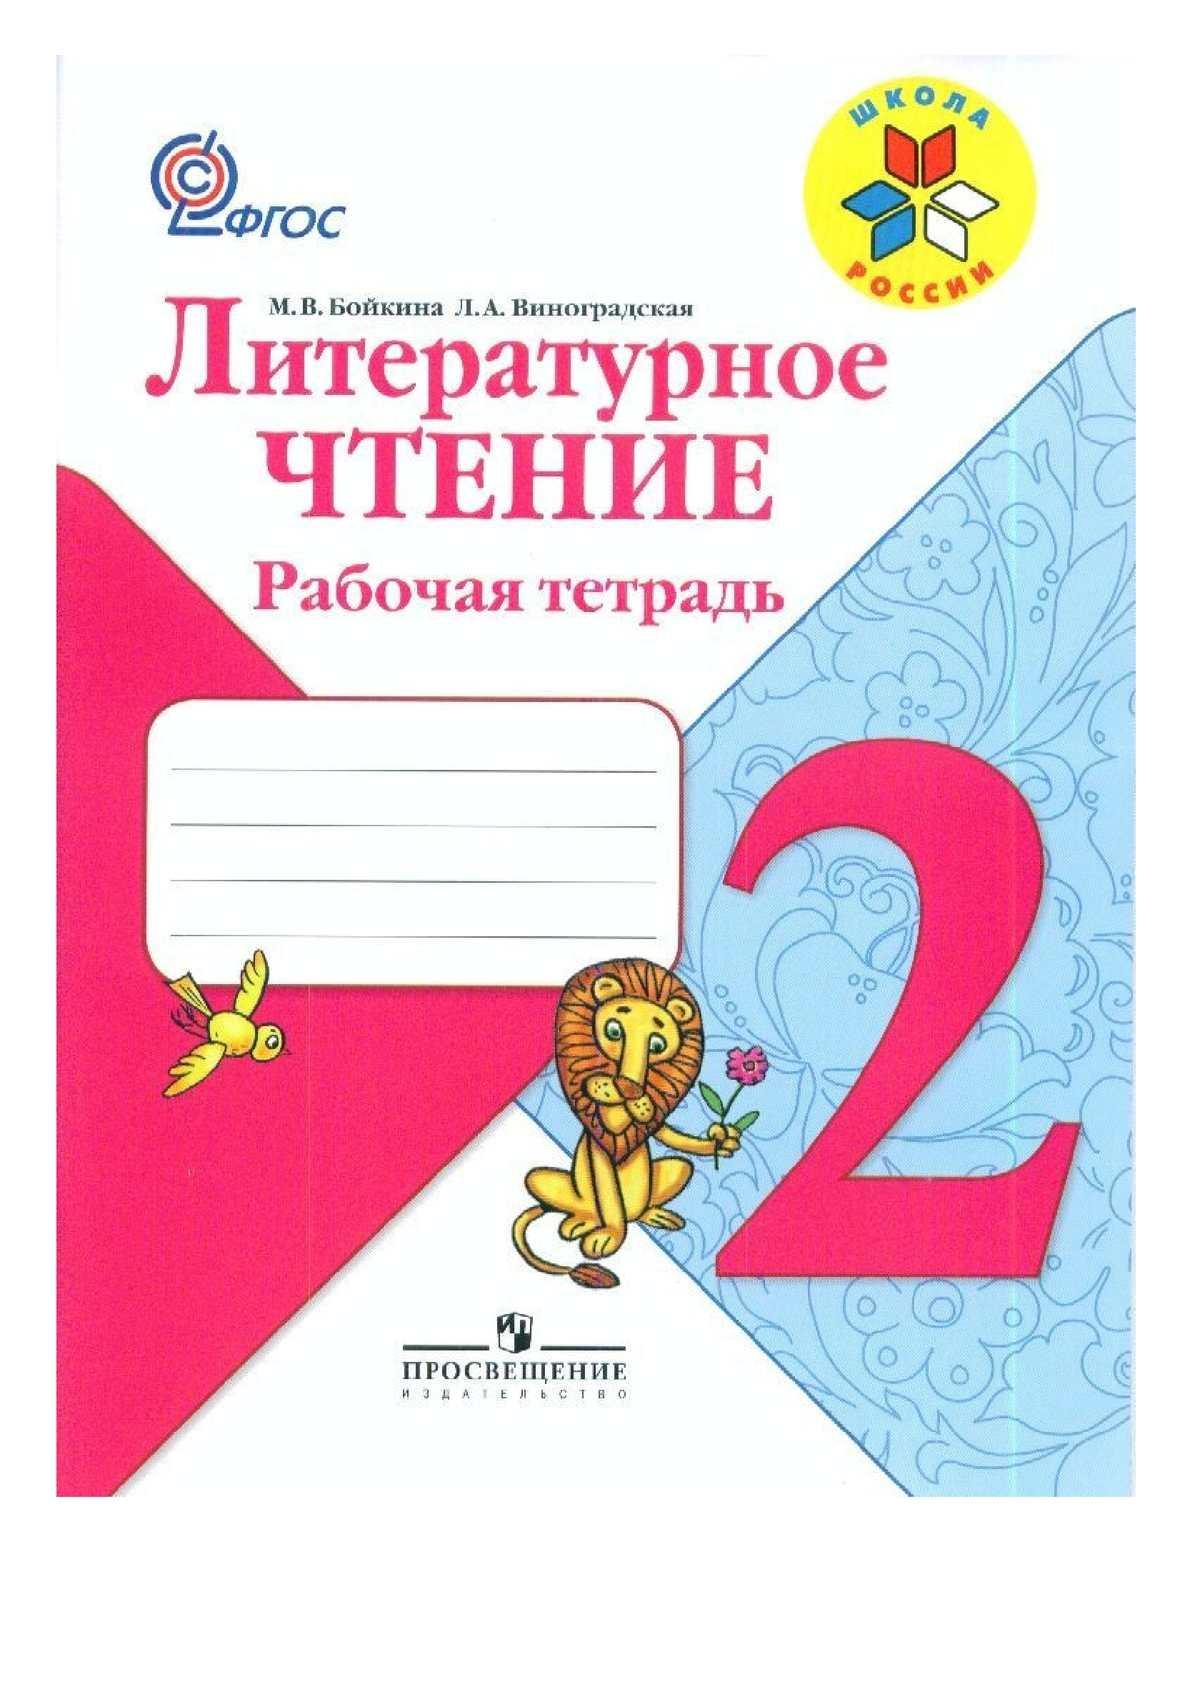 Литературное чтение 2 класс бойкина виноградская